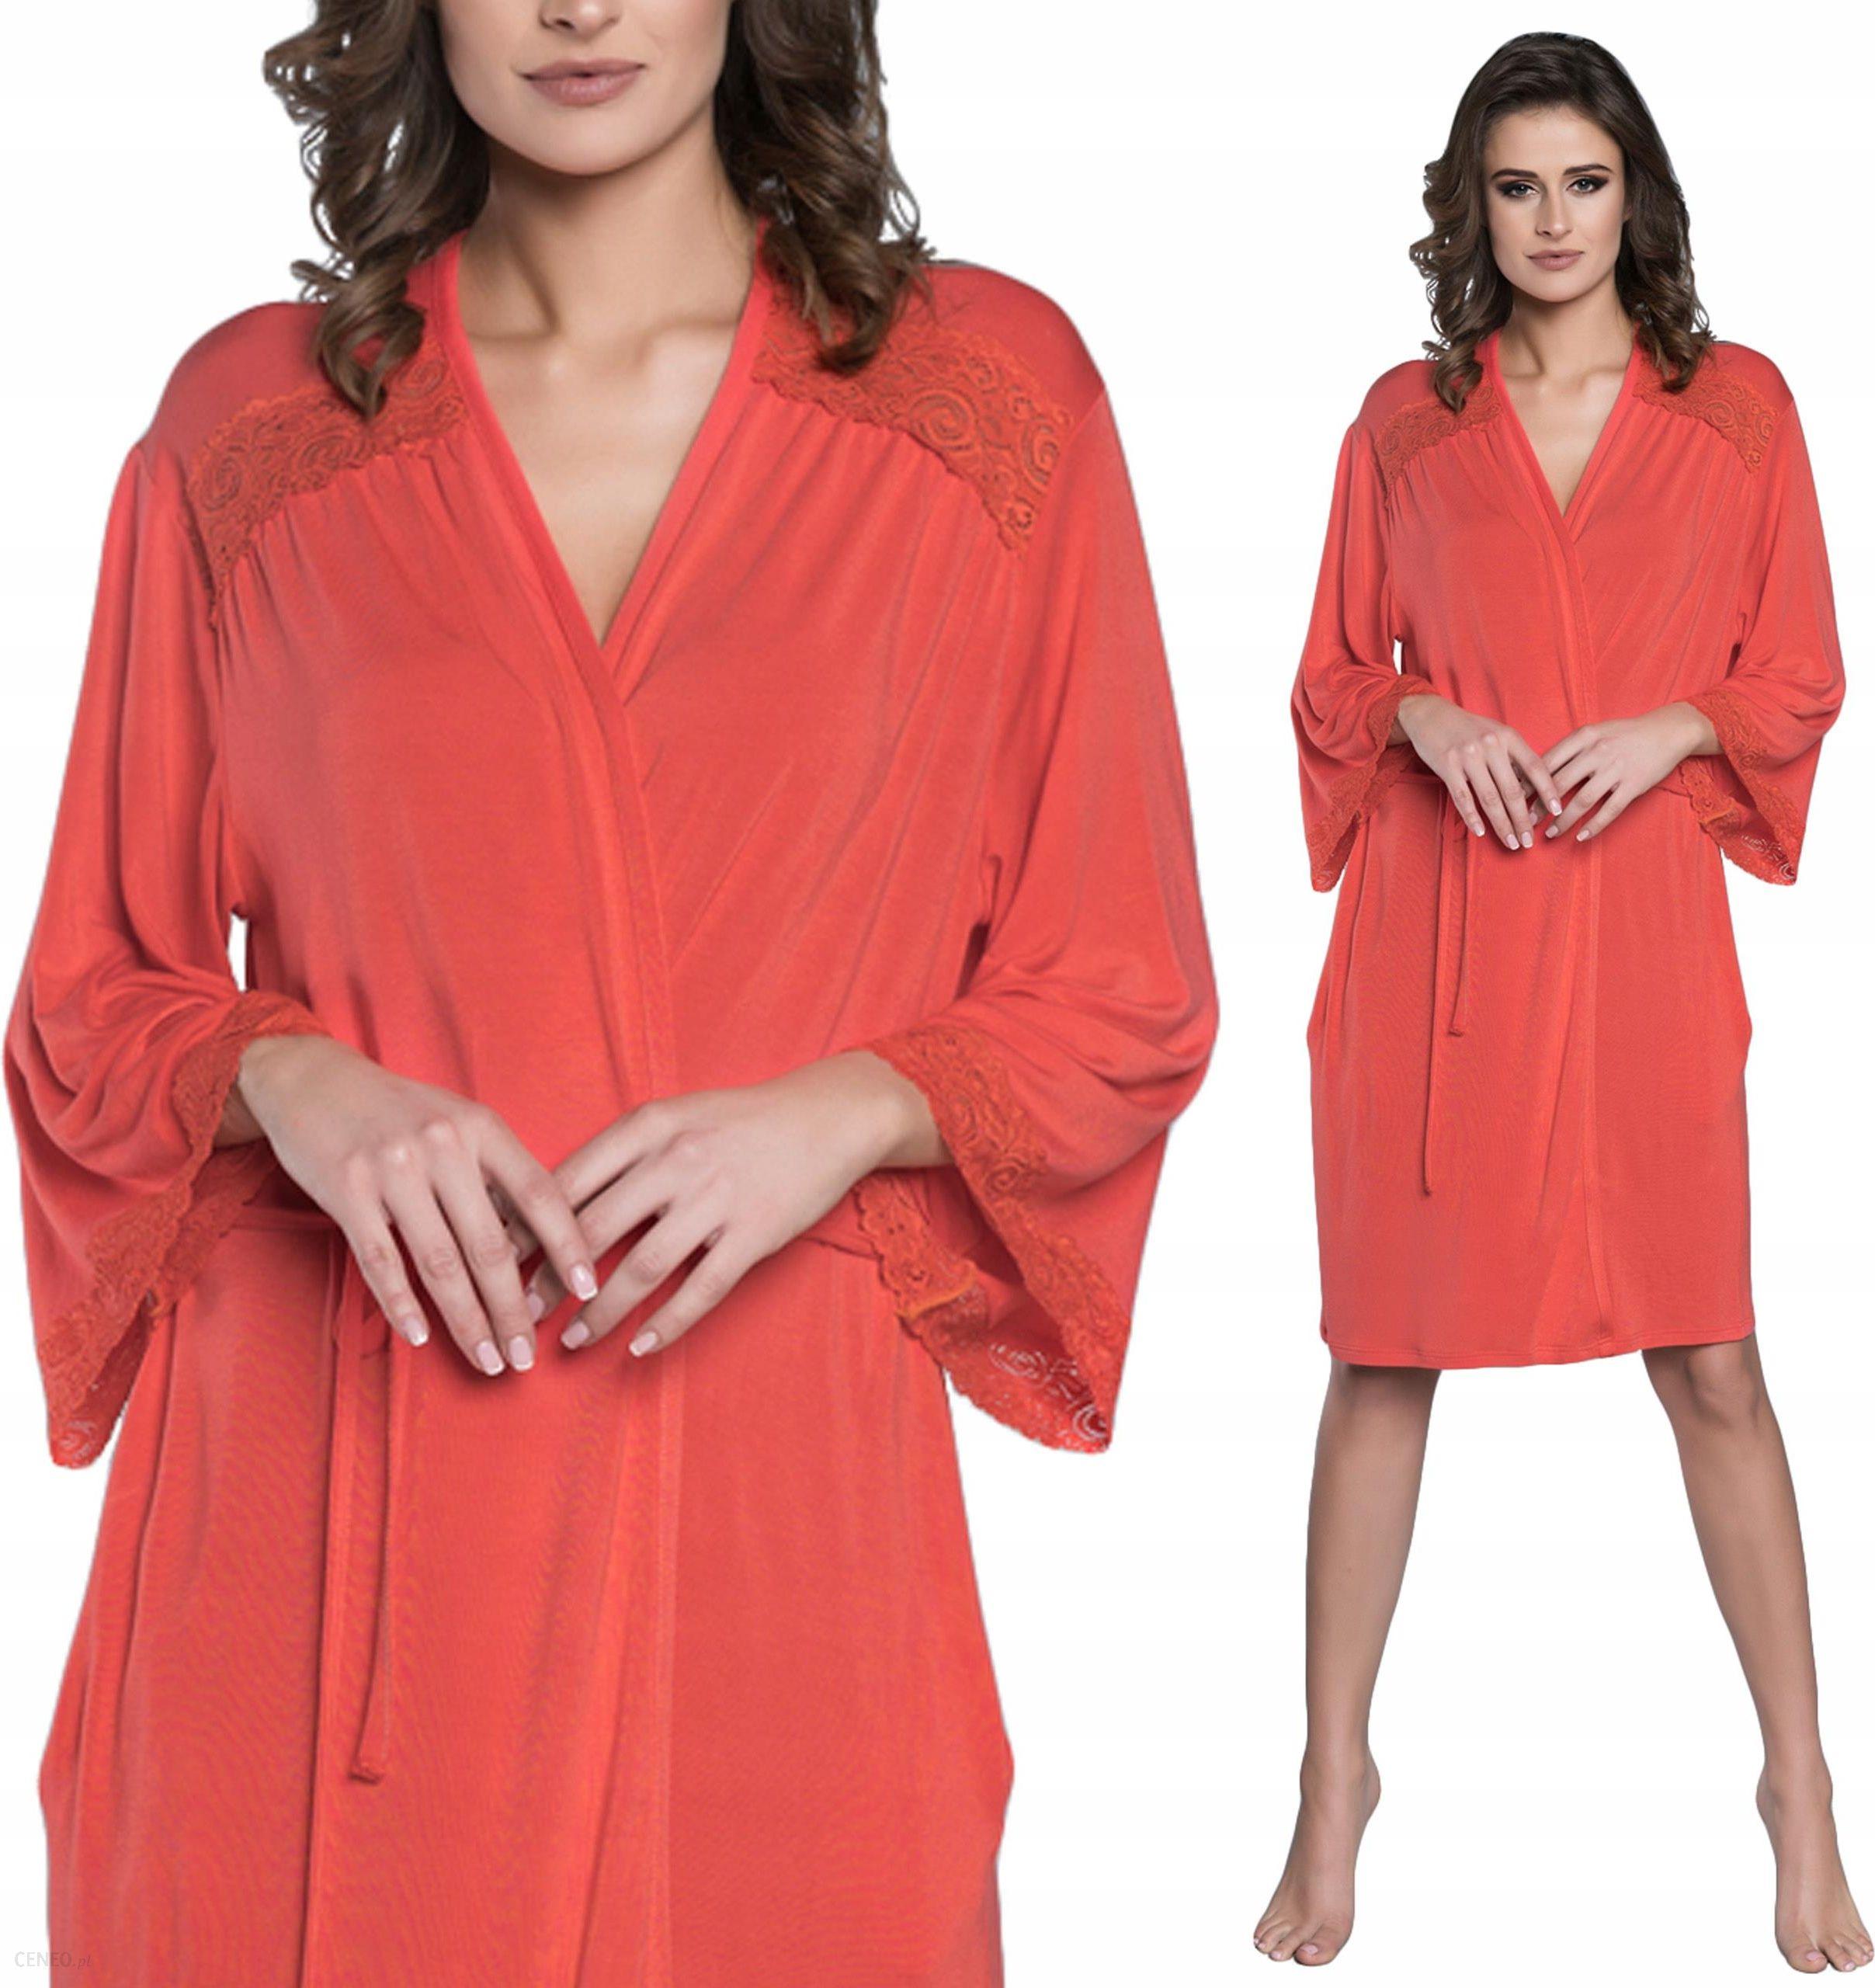 b4abea0777ac14 Inspiracja Italian Fashion szlafrok z koronką - Ceny i opinie - www ...